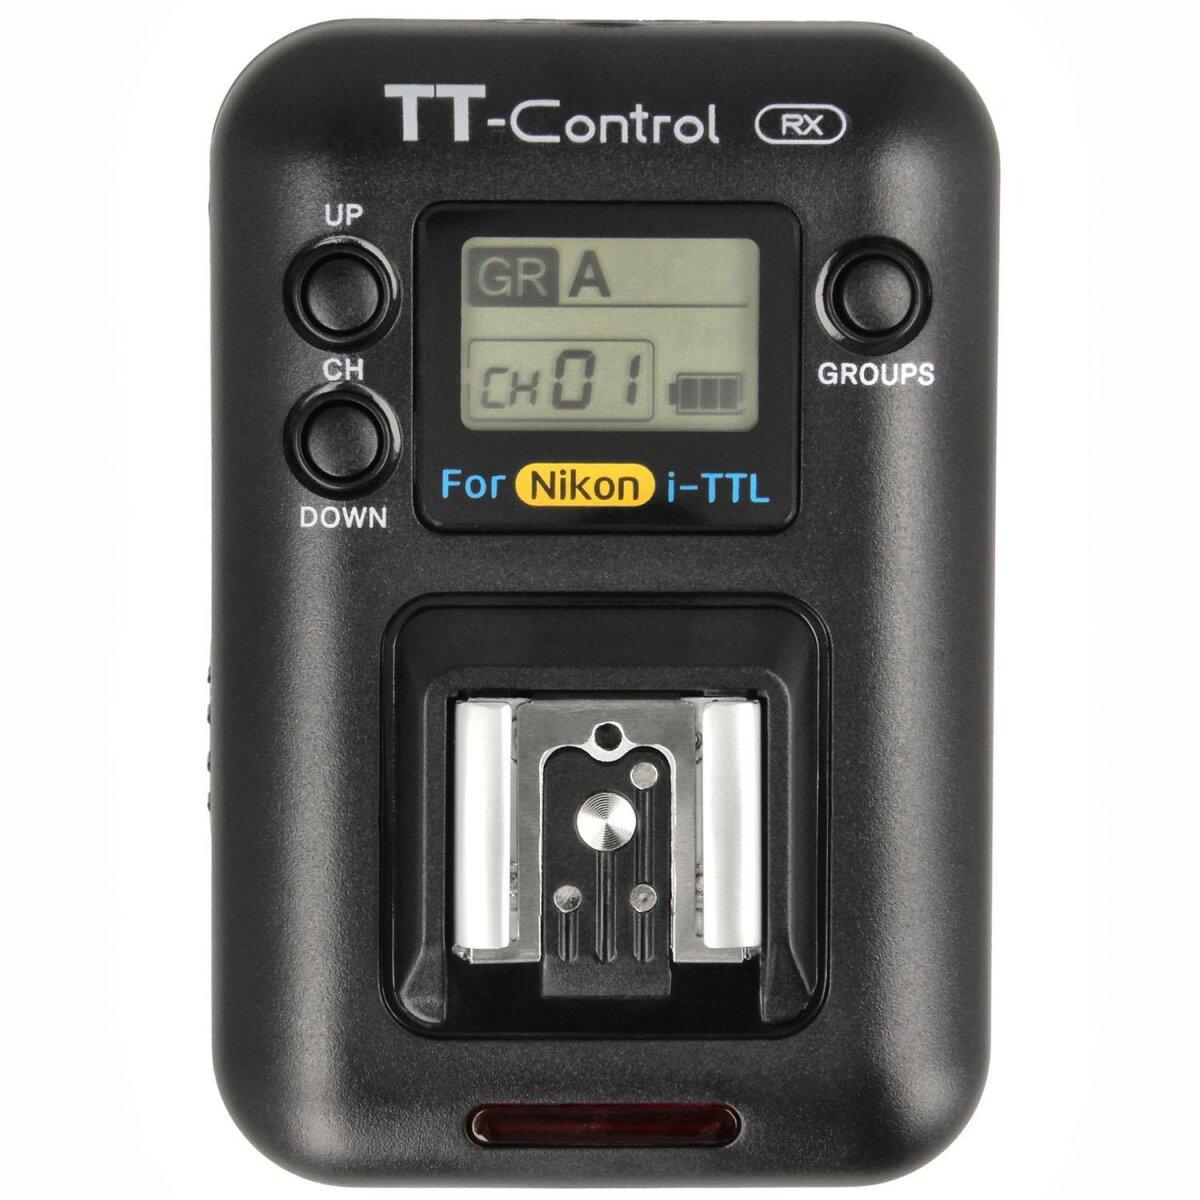 Impulsfoto SMDV Blitzauslöser-Empfänger, Zusatzempfänger für SMDV TT-Control Nikon, Kabellos